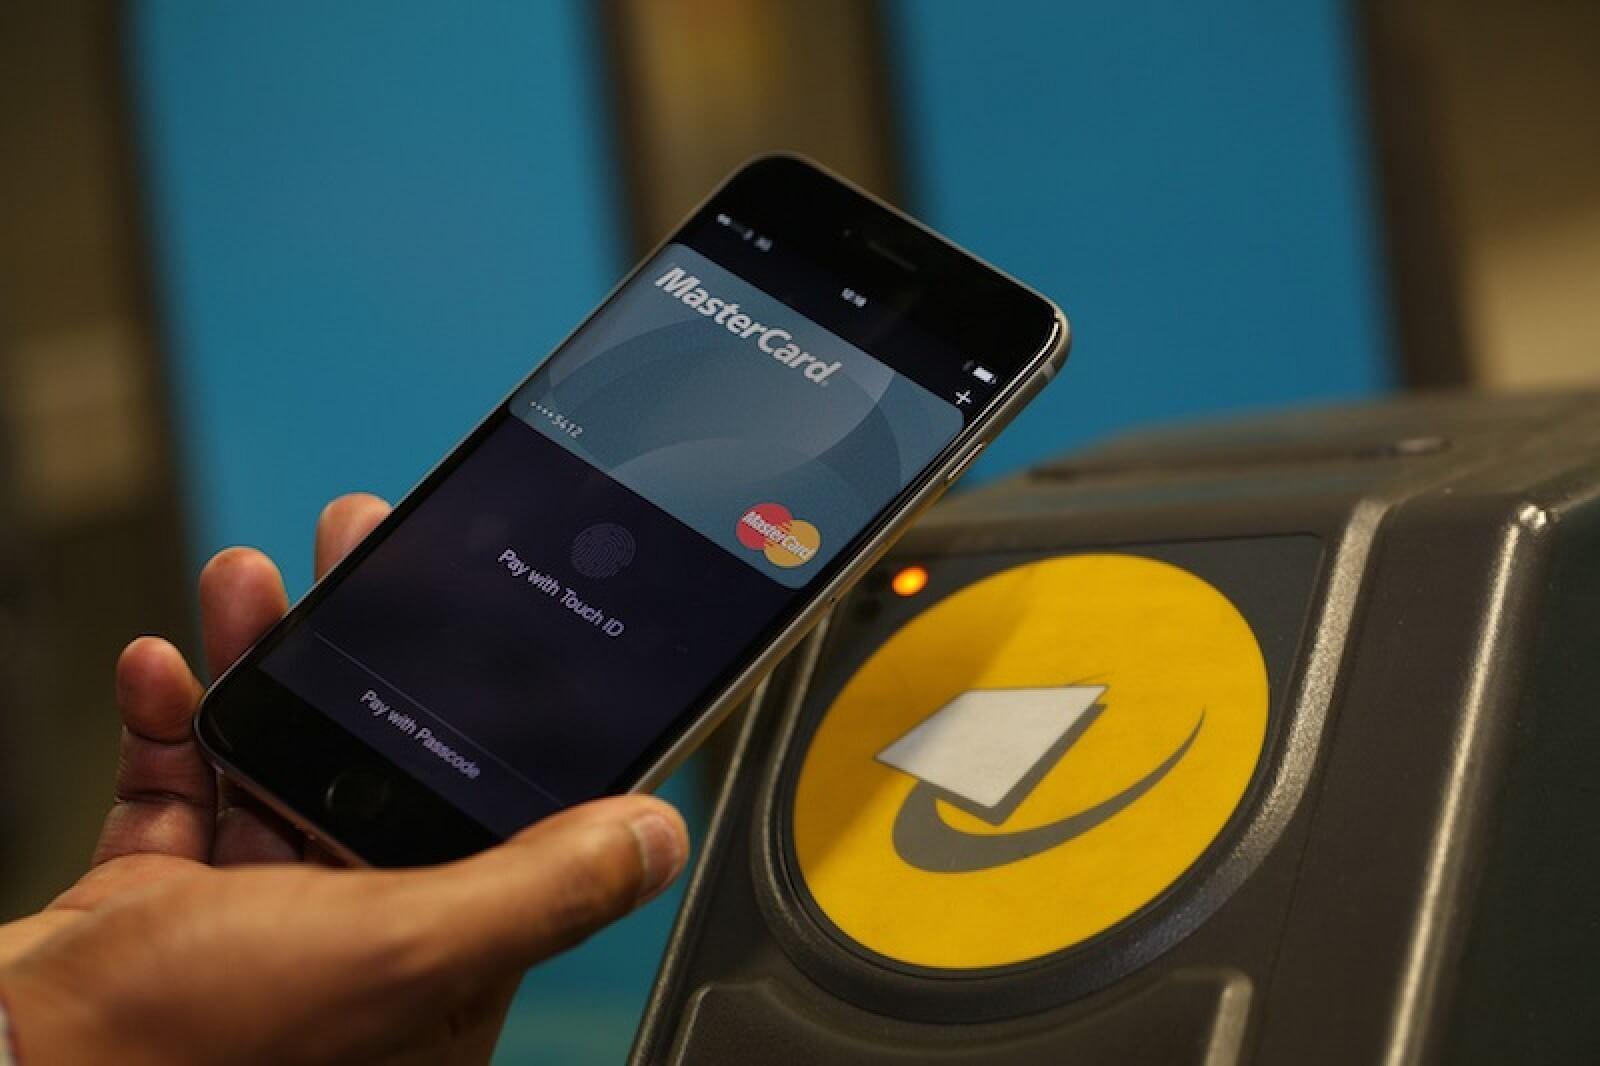 mastercardbritanica - Mastercard lança projeto para facilitar a forma de pagamento no transporte público